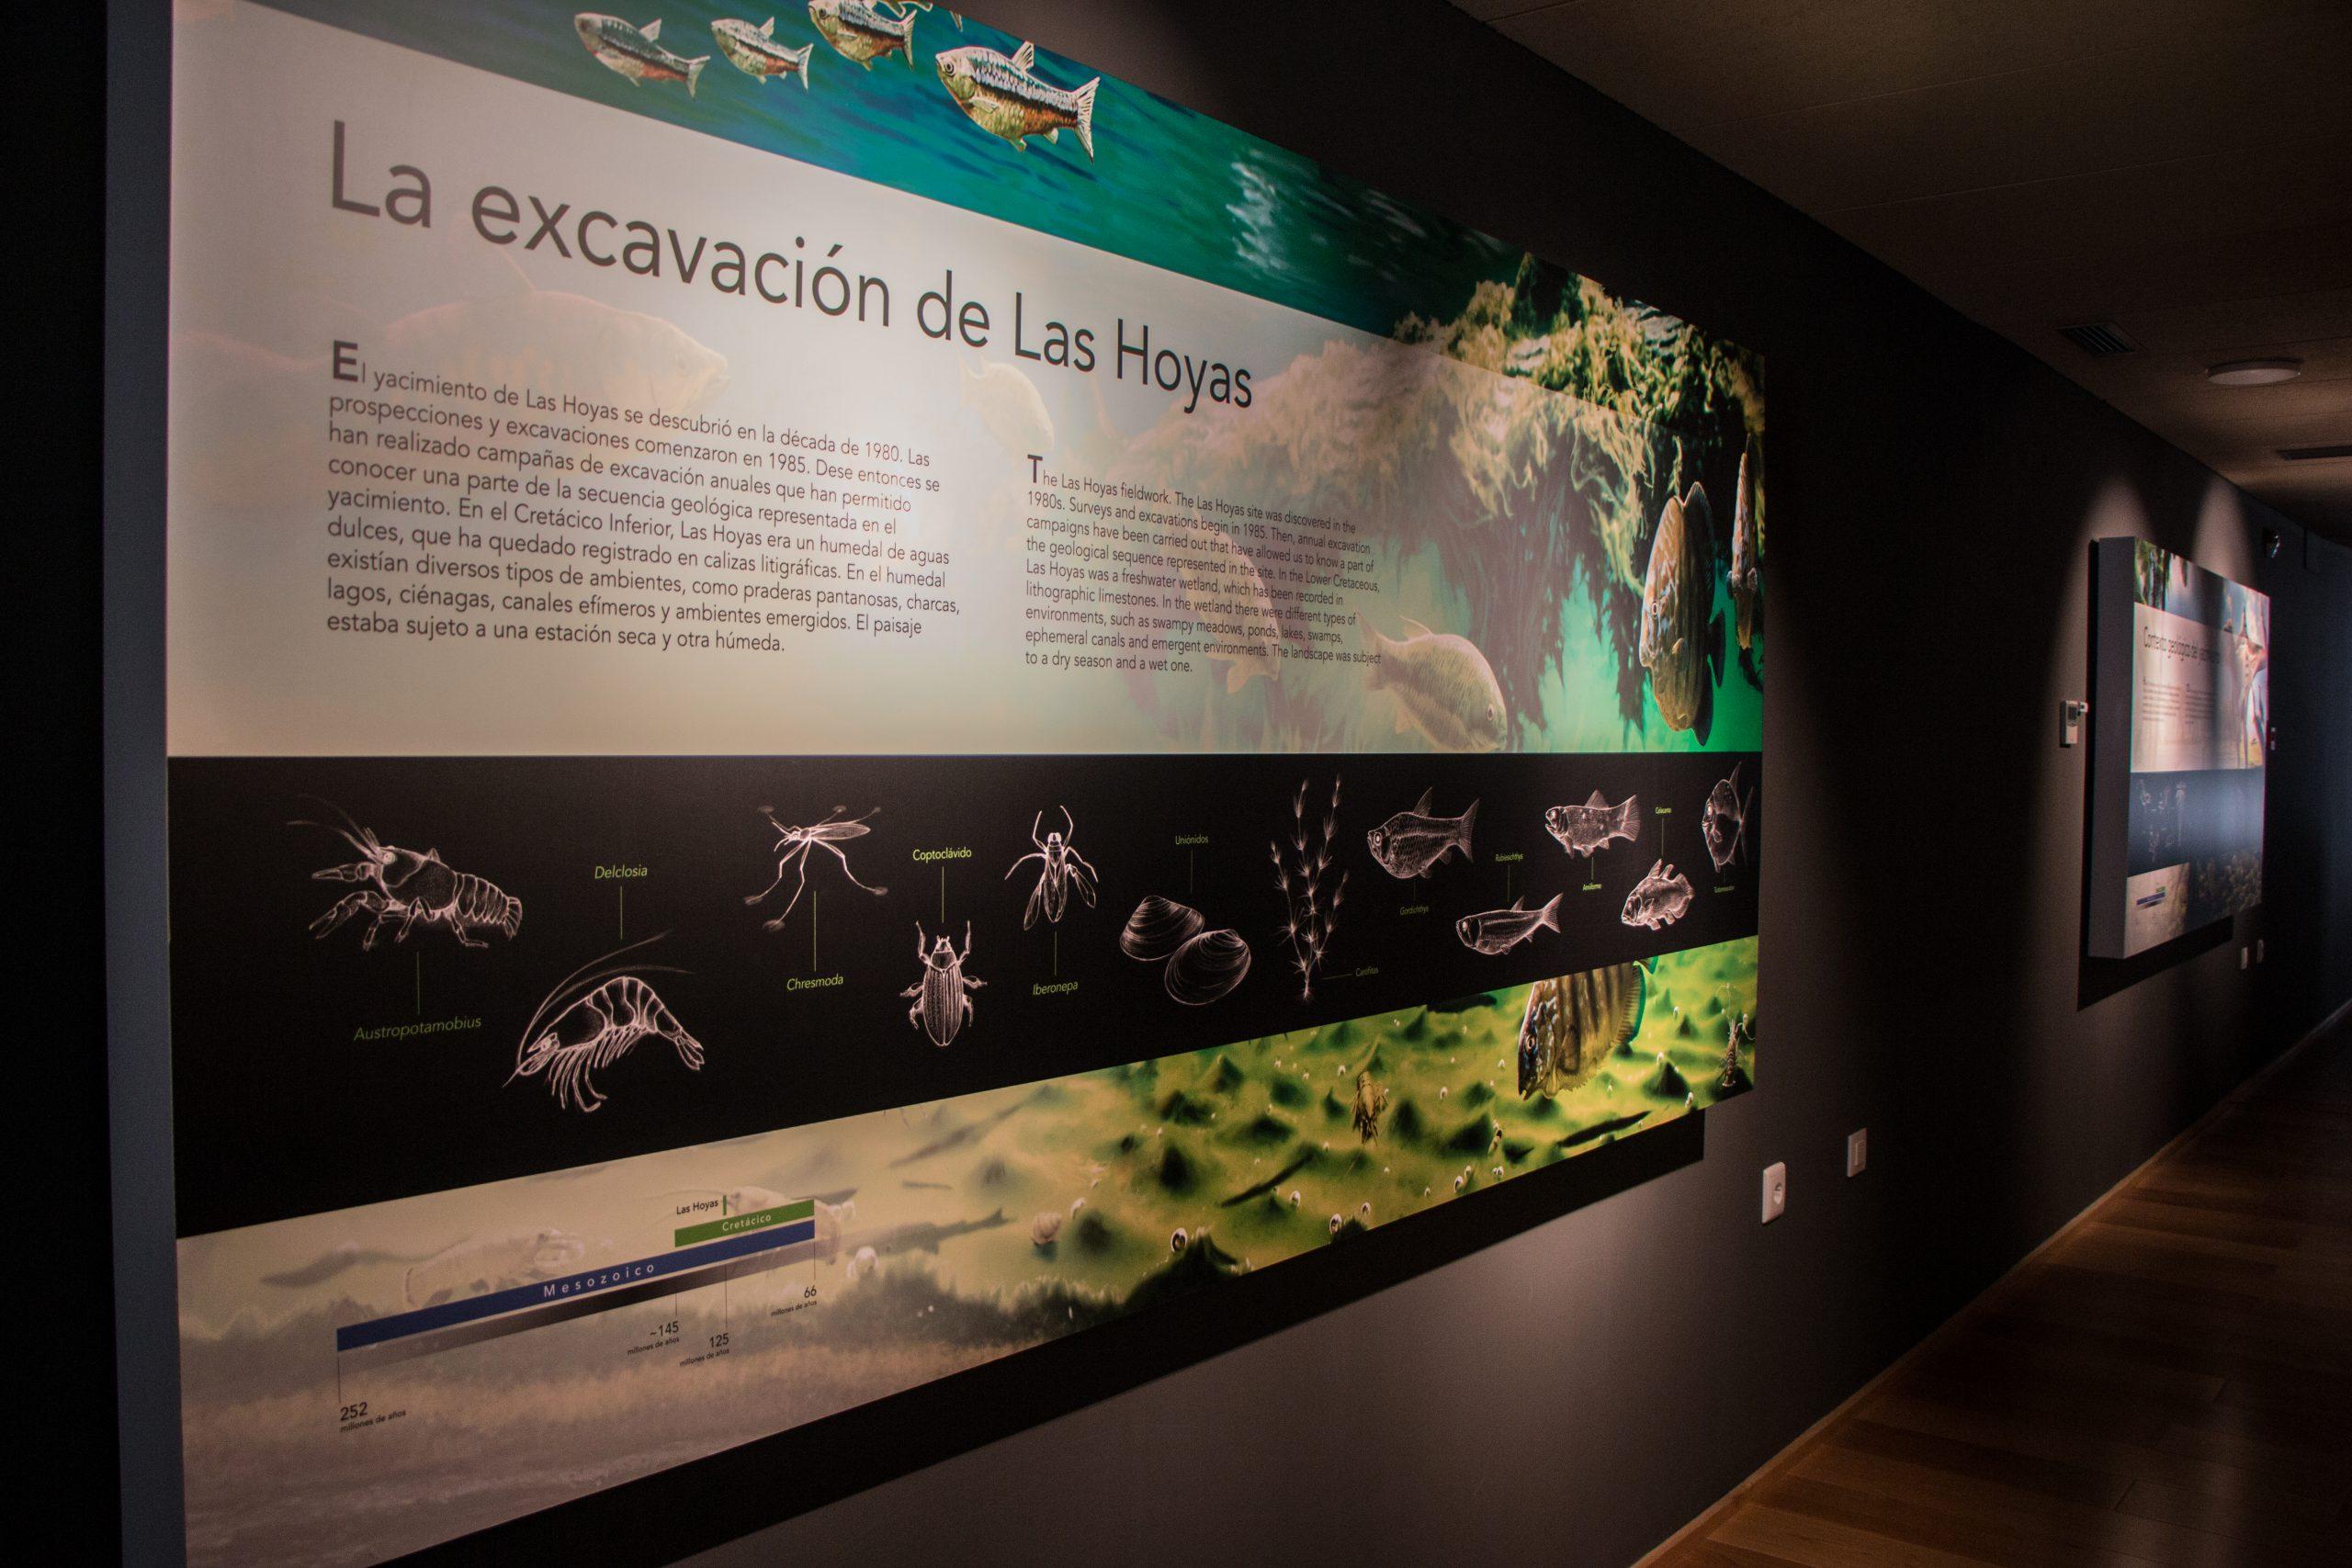 La importancia de Las Hoyas